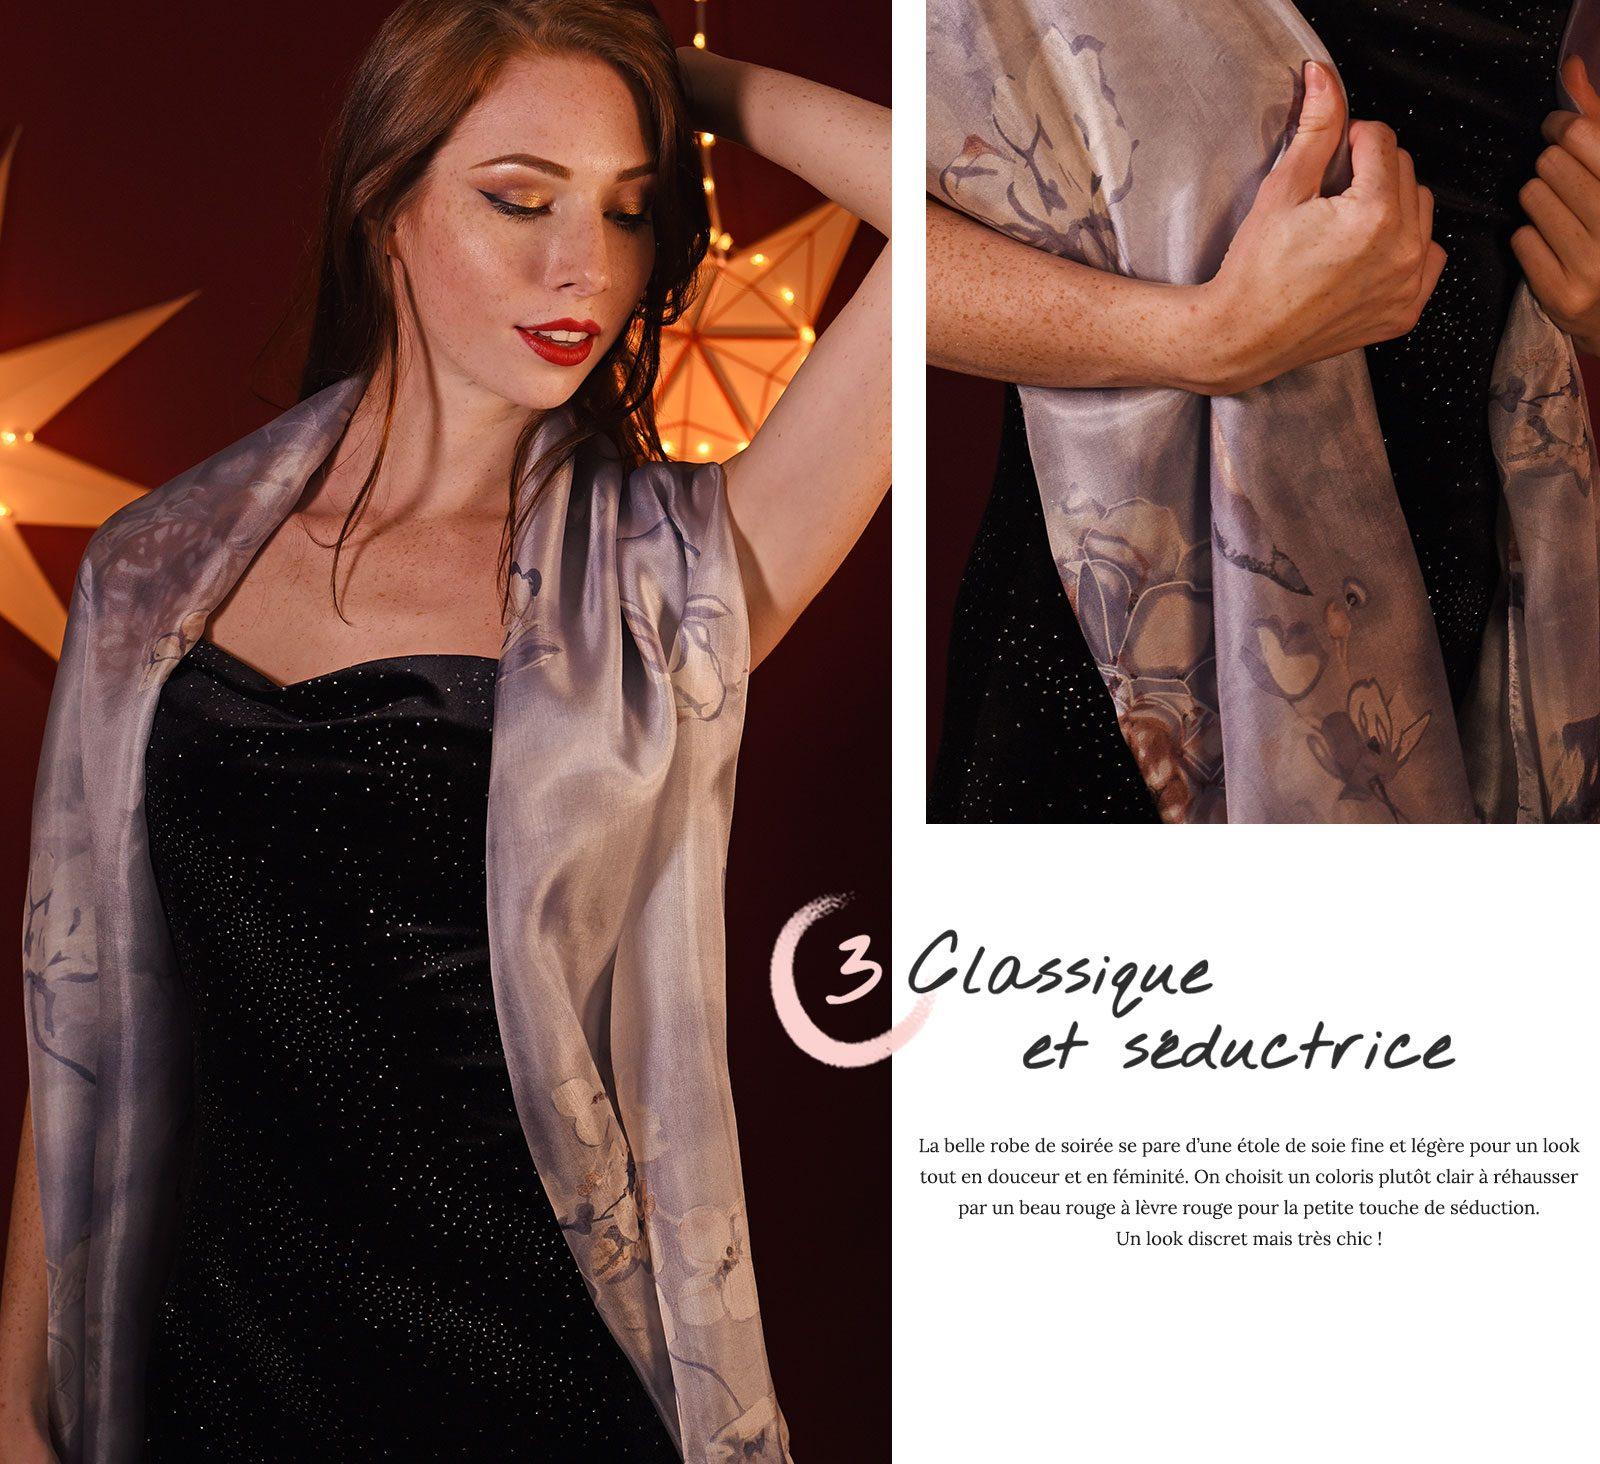 http://chantier.allee-du-foulard.fr/wp-content/uploads/2017/12/0641-ADF-LB-lookfete-classique-seductrice-etole-elise-1600x1464.jpg